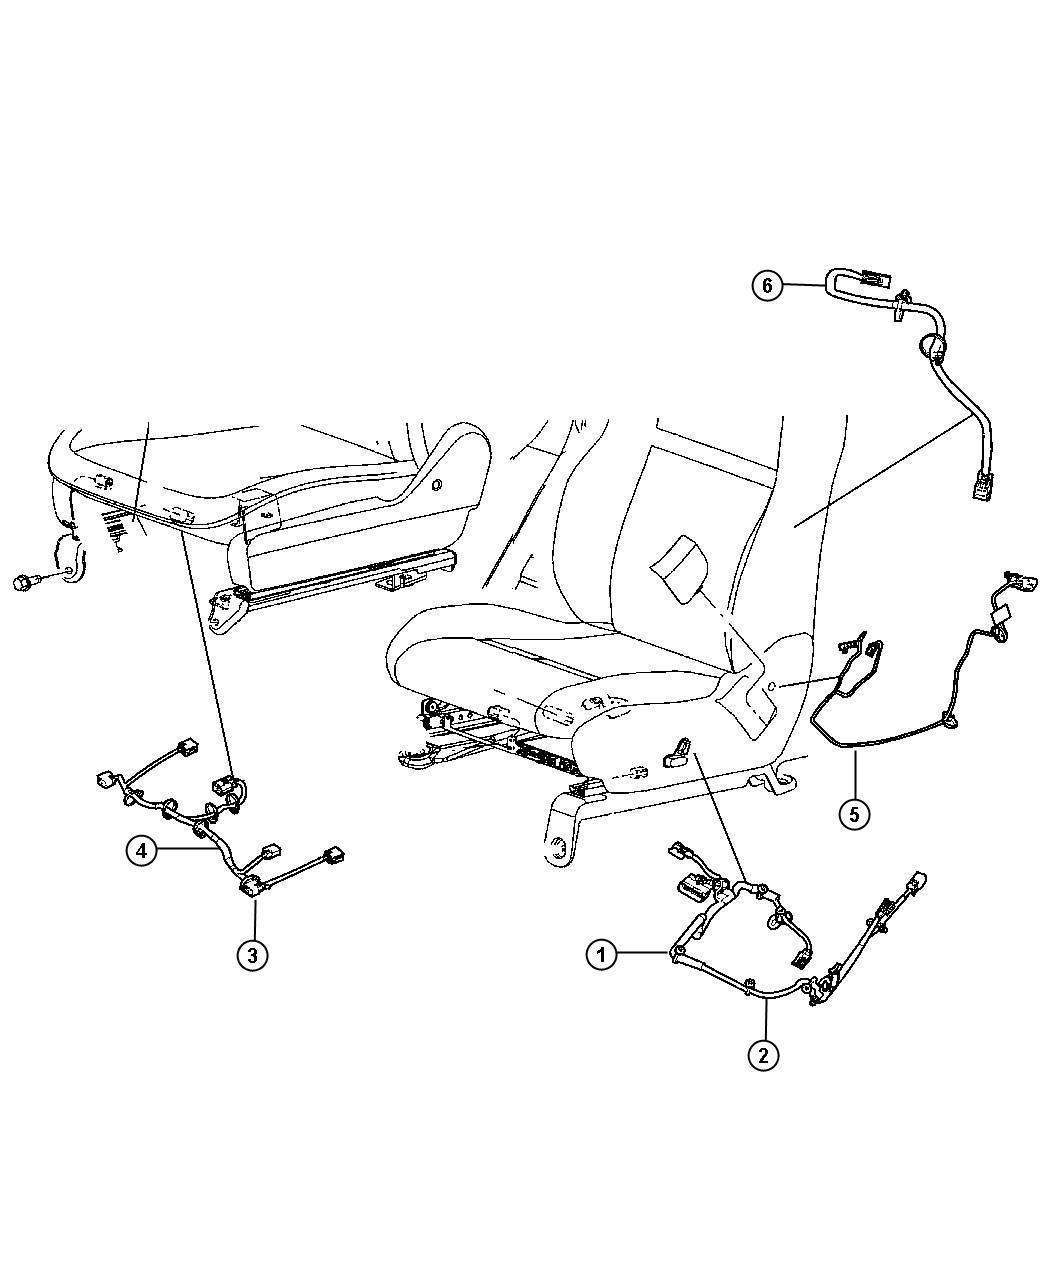 Ram Base Wiring  Power Seat  Seat  Seat Cushion  Driver